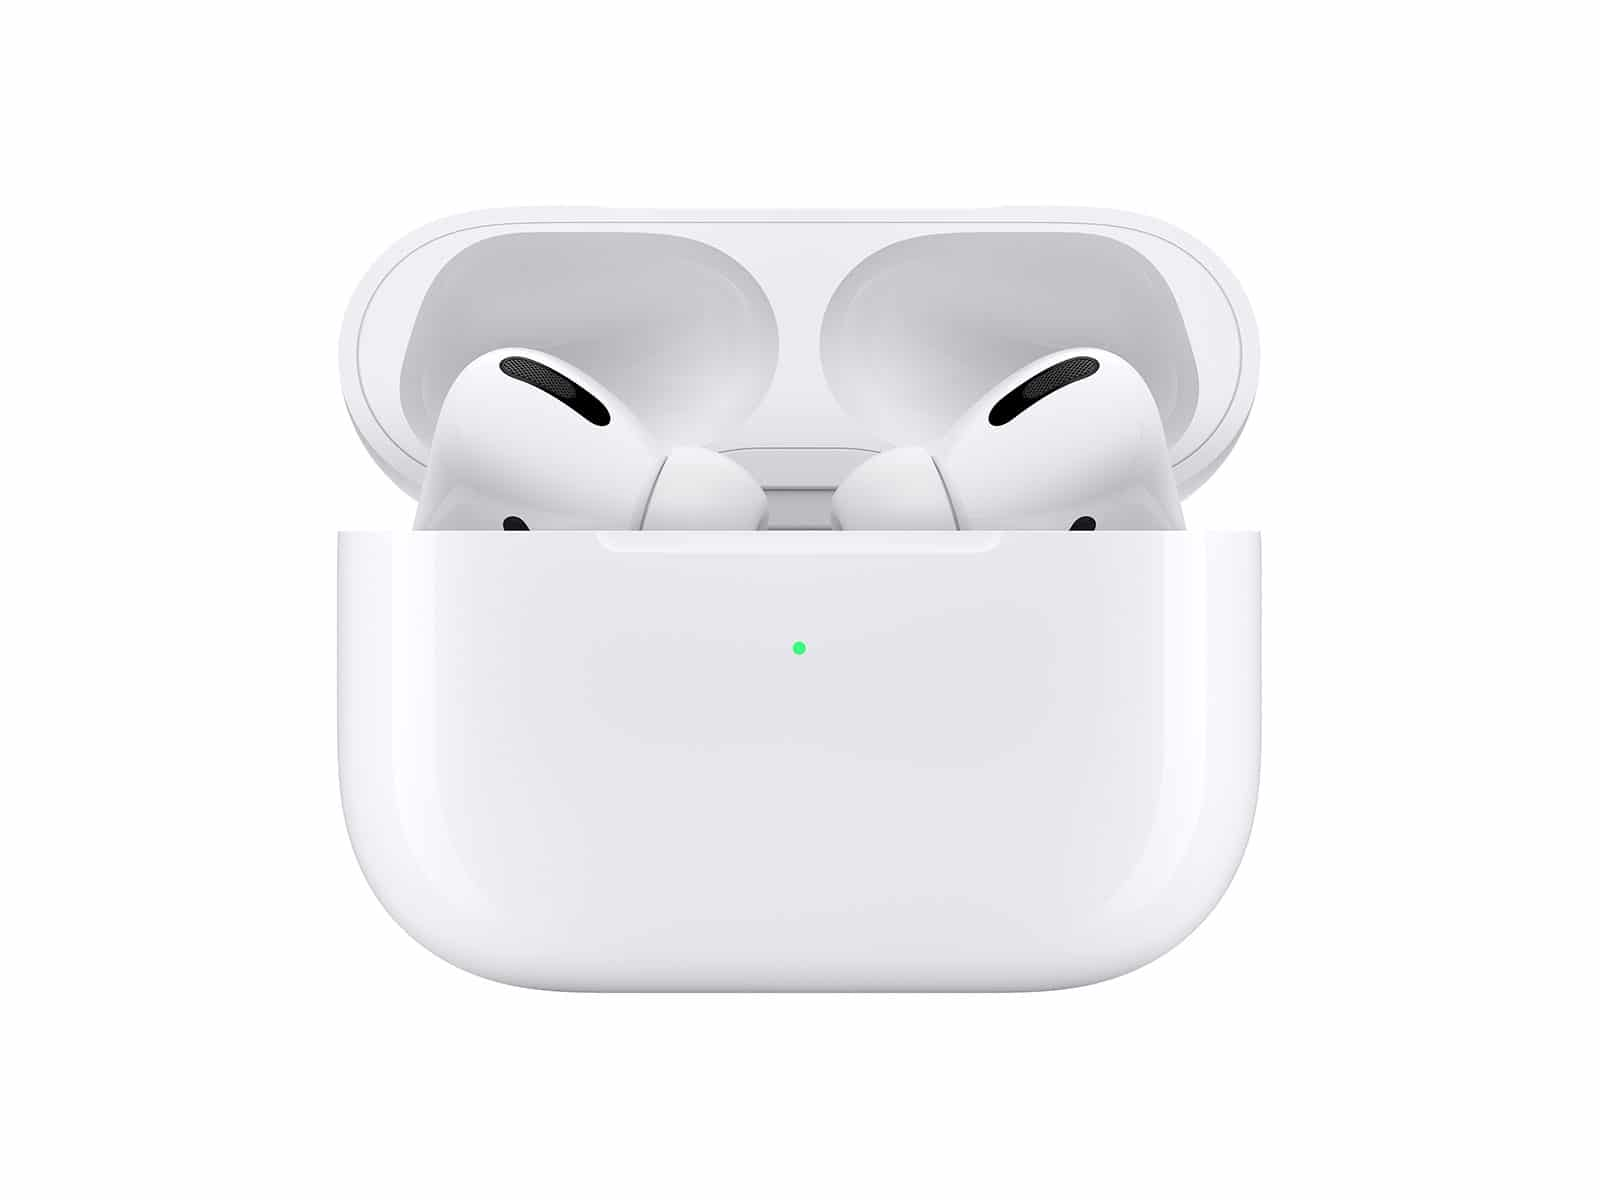 test apple airpods pro dansk erfaring med støjreduktion støjdæmpning ANC active noise cancellation erfaringer